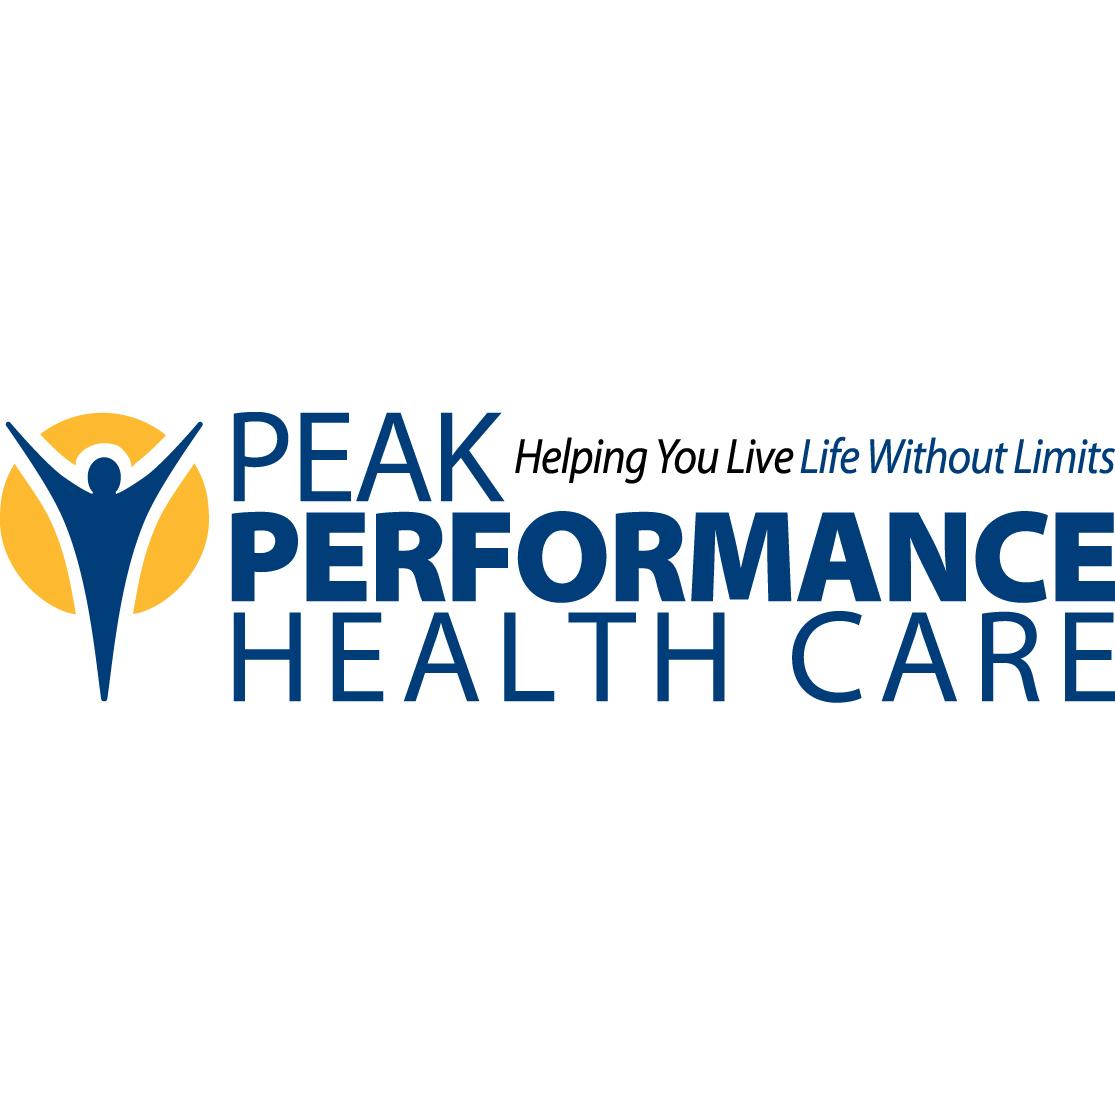 Peak Performance Health Care Northwest